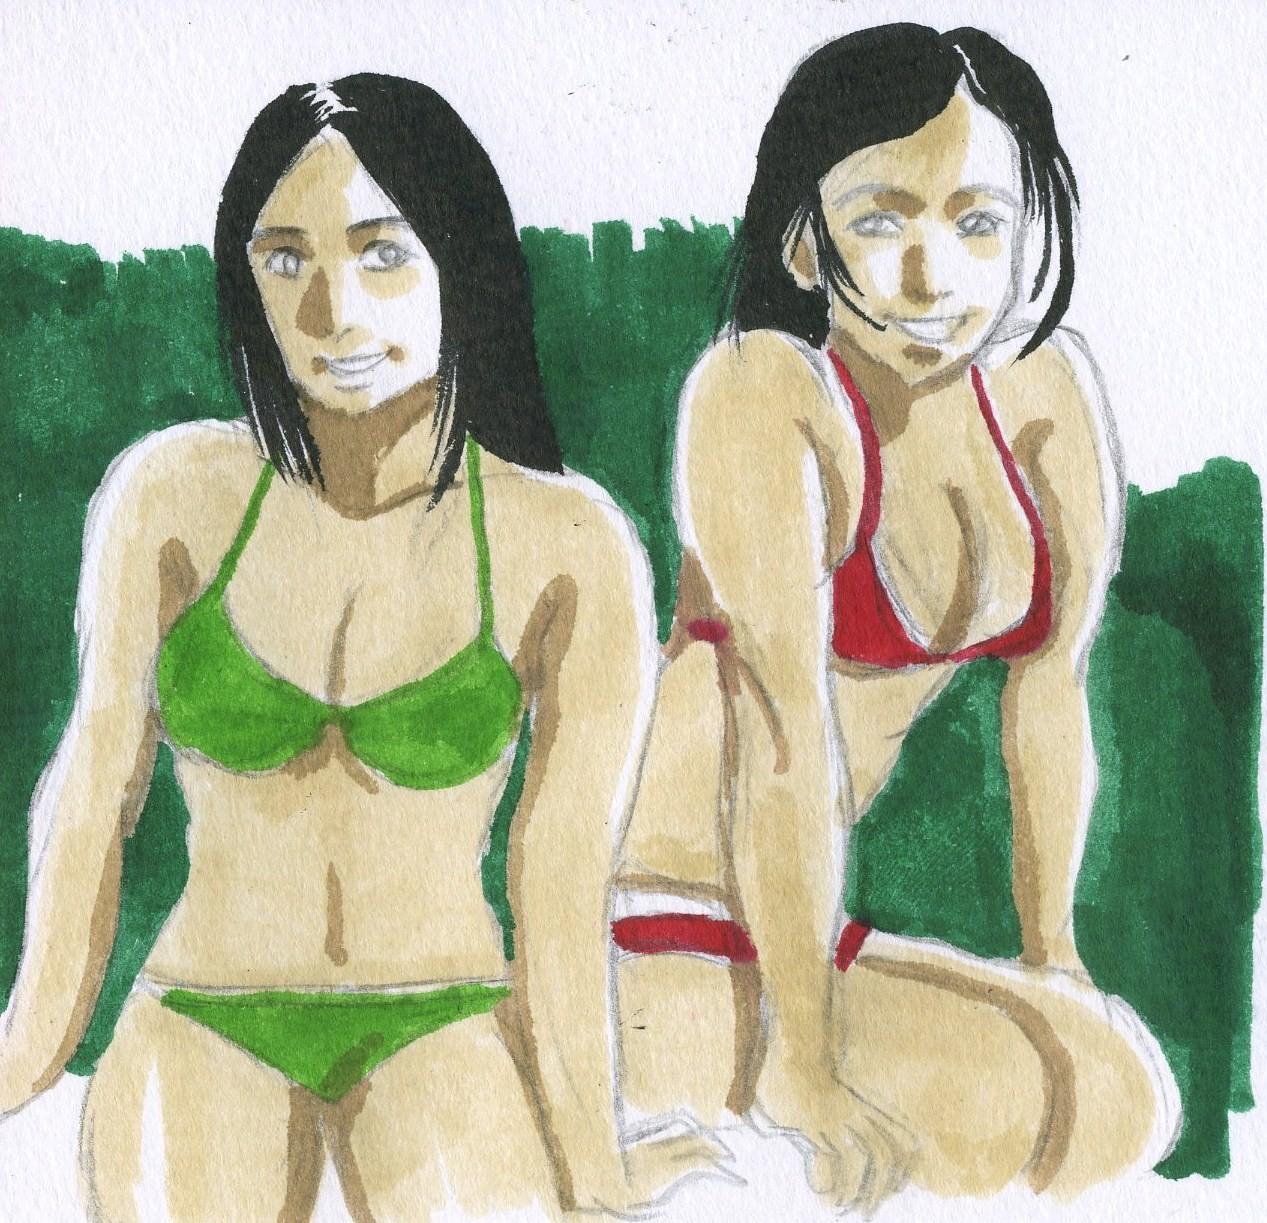 オリジナル水着女性画